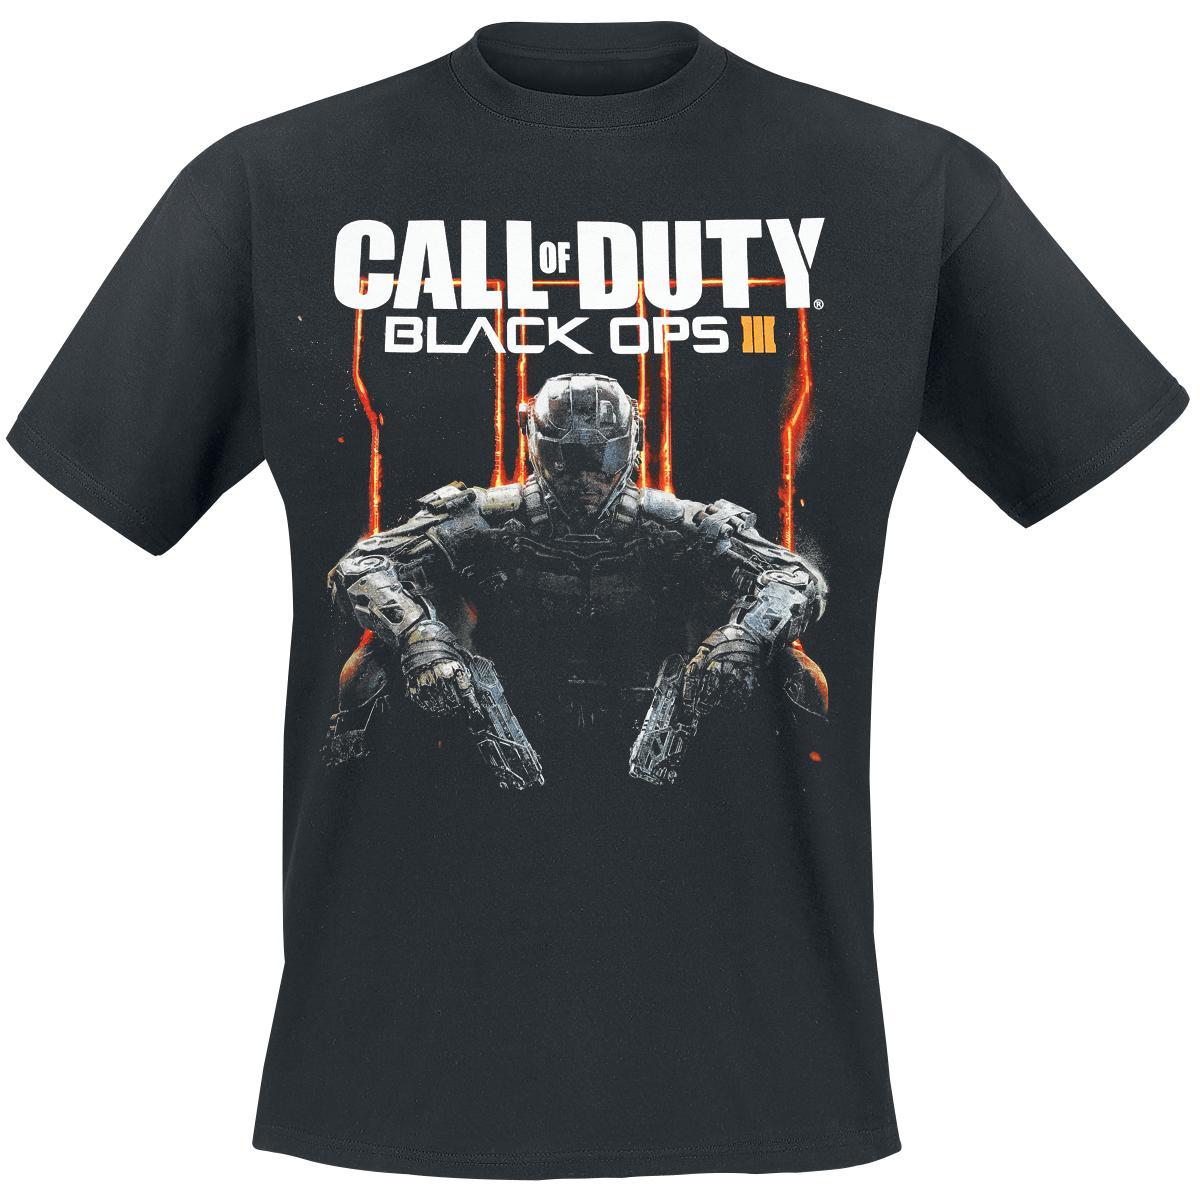 Black Ops III T-shirt Design tee design